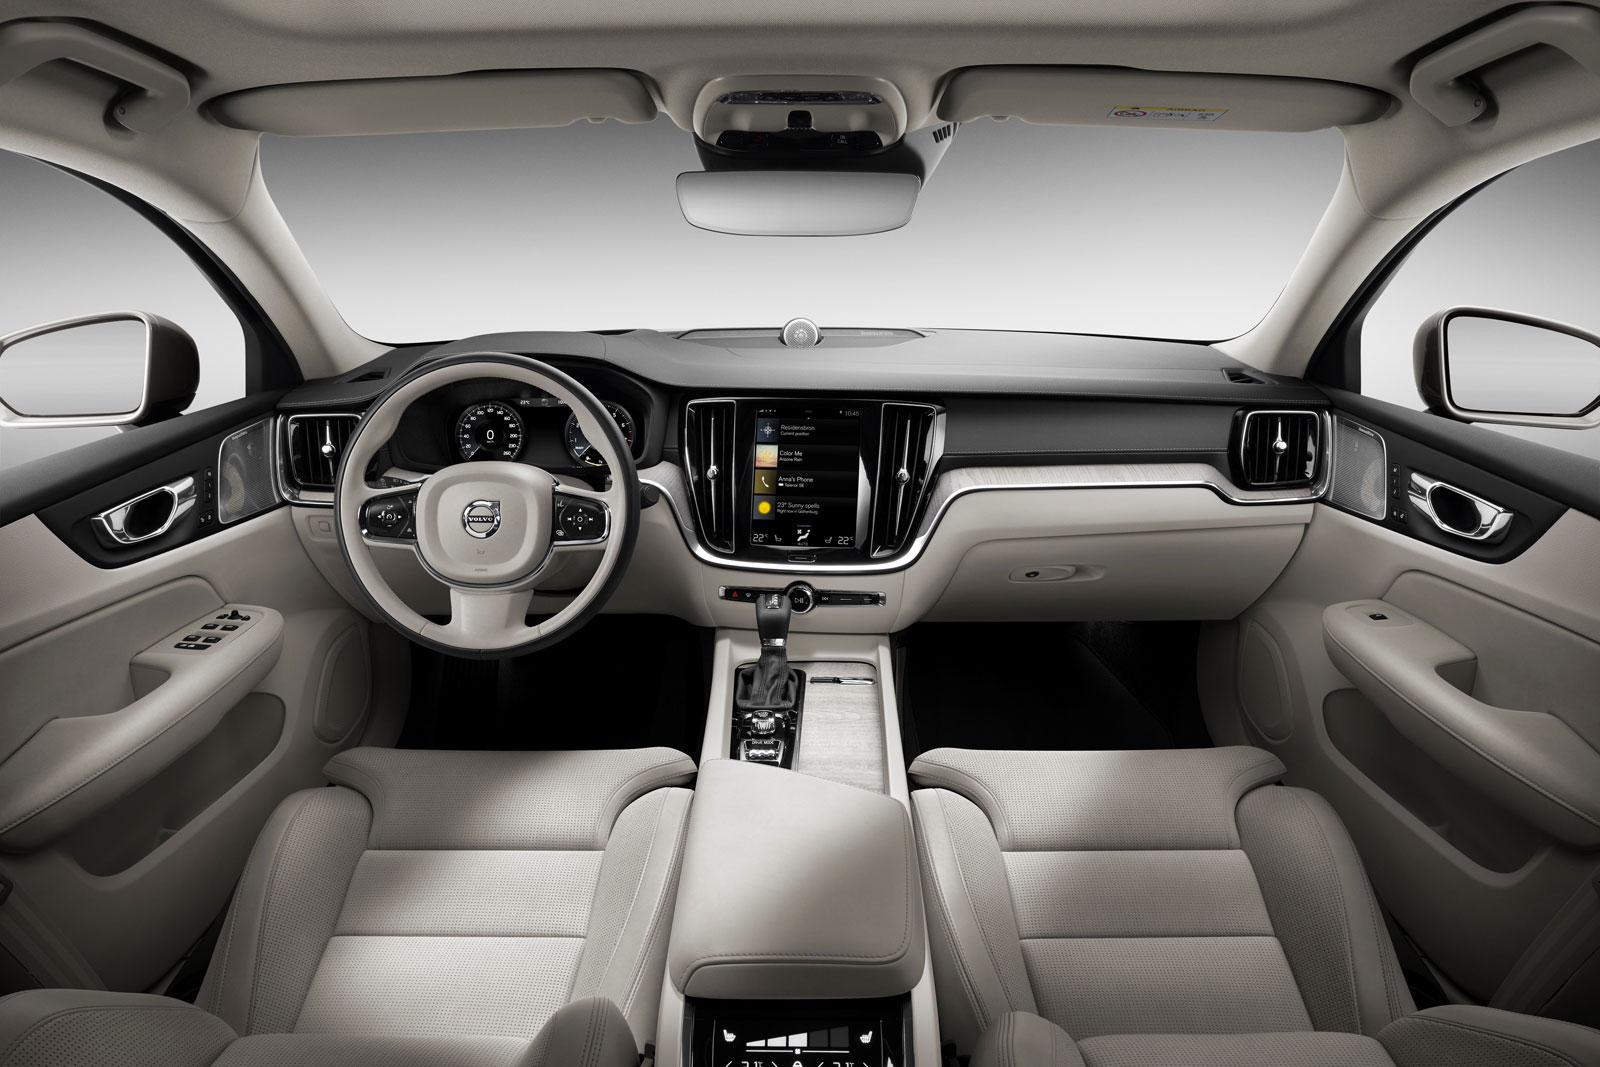 Volvo S60 Inscription Interior Design - Car Body Design